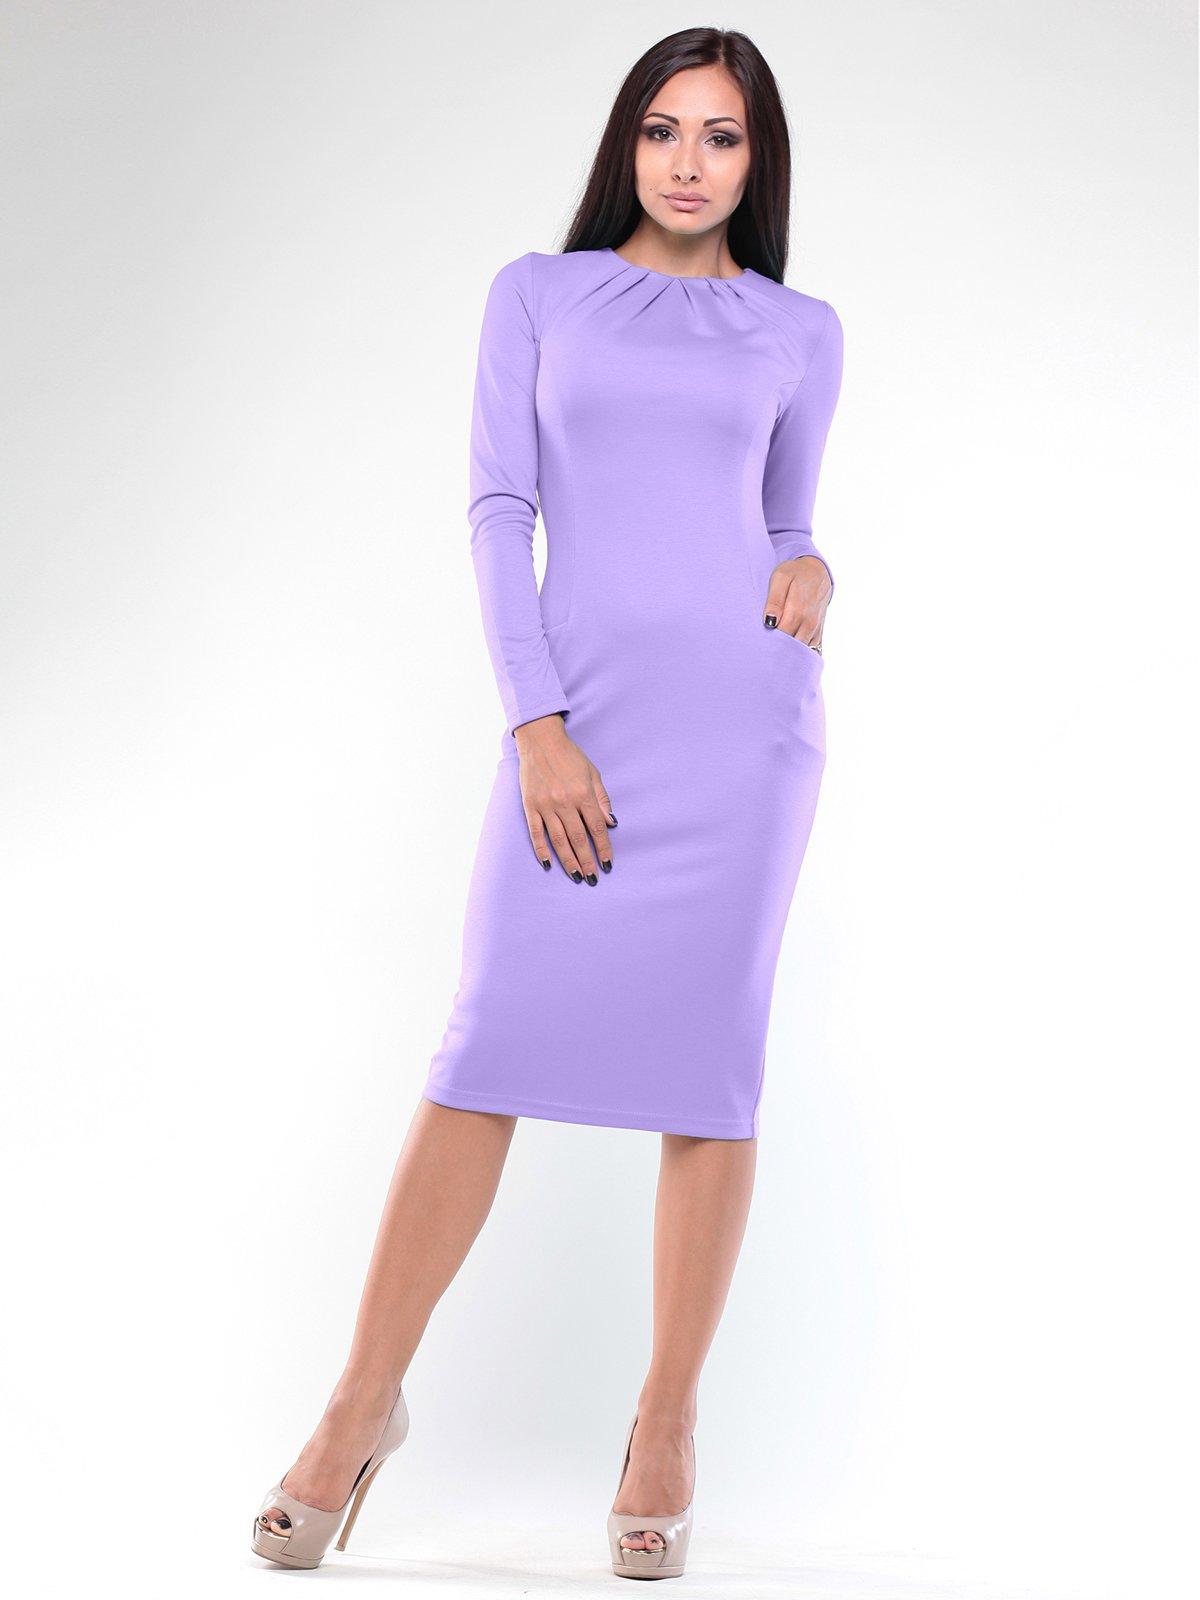 Платье светло-фиалкового цвета   1896936   фото 3